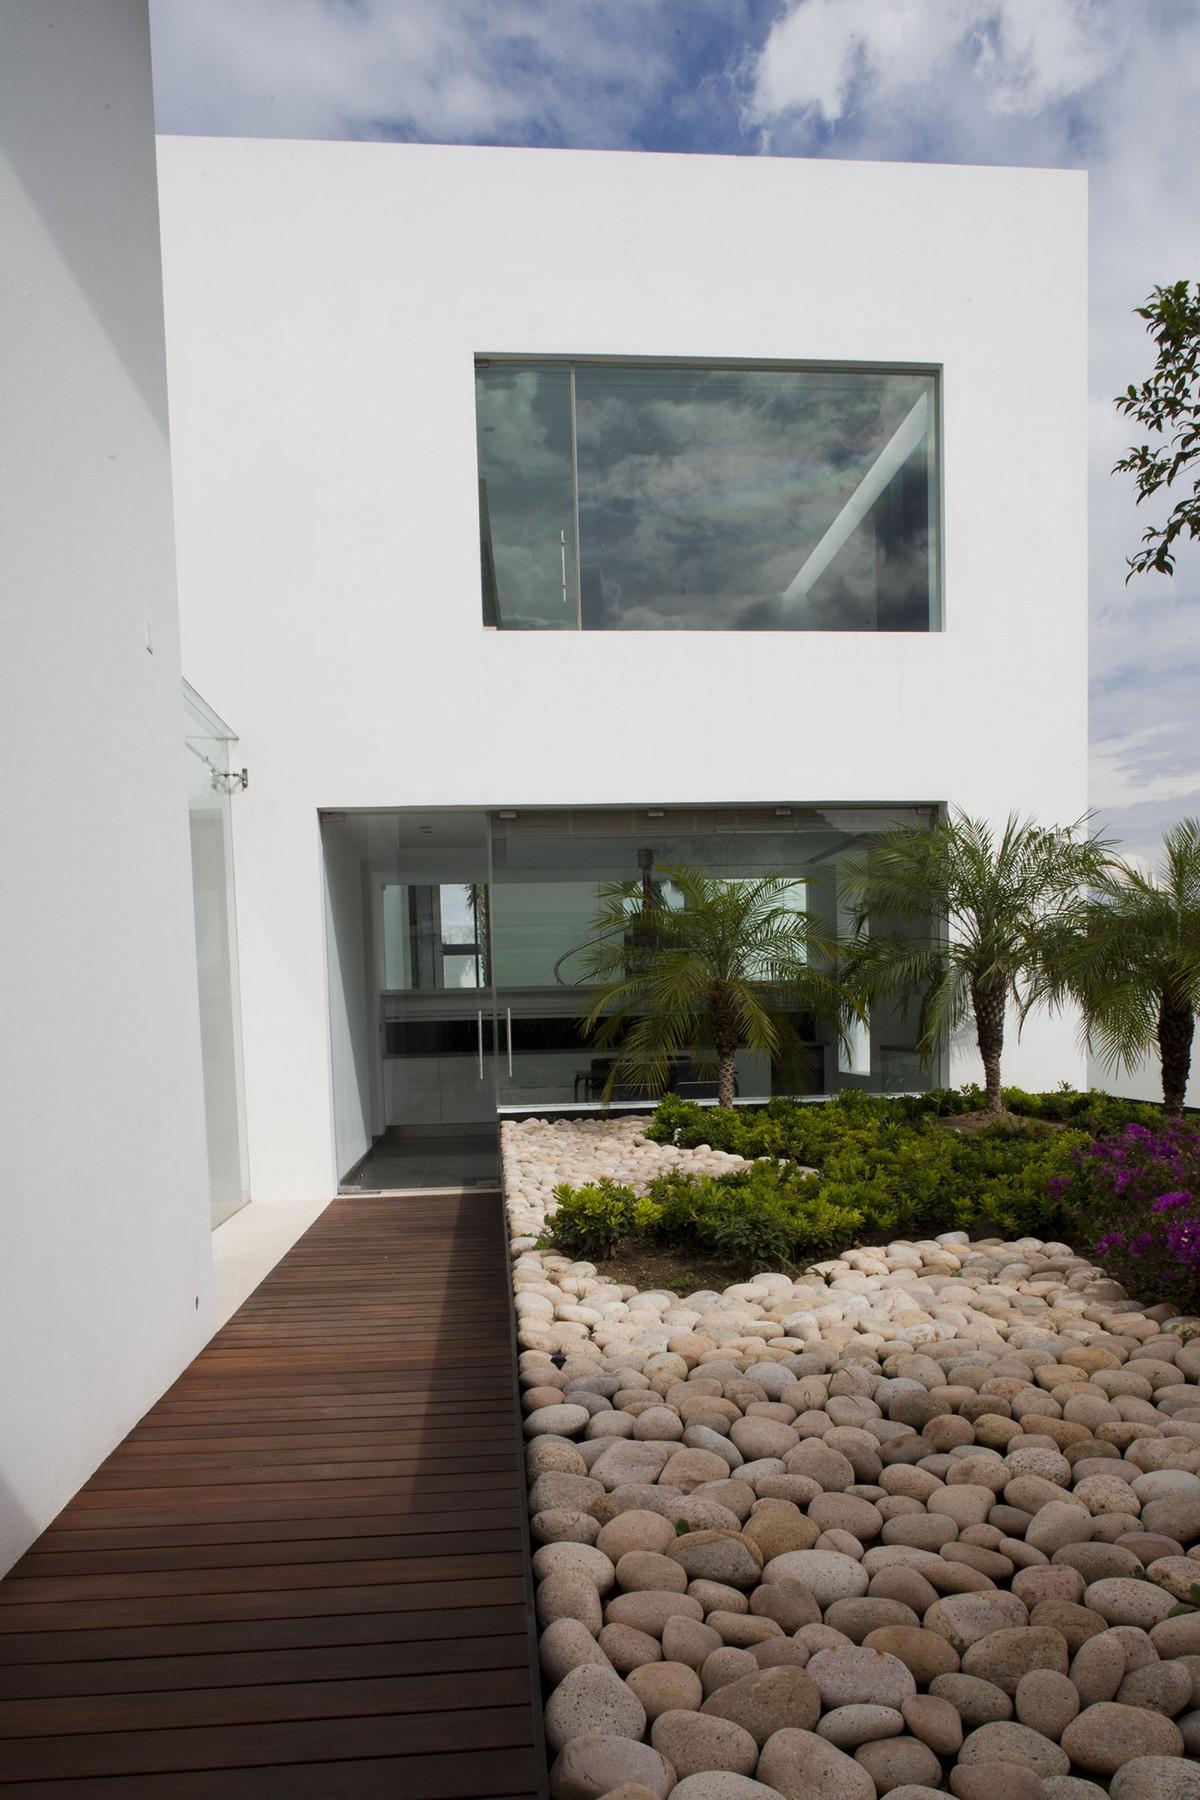 Casa del Agua, a.a.a Almazan y Arquitectos Asociados, частные дома в Мексике, красивые дома в Мексике, строгий дизайн интерьера, интерьер минимализм